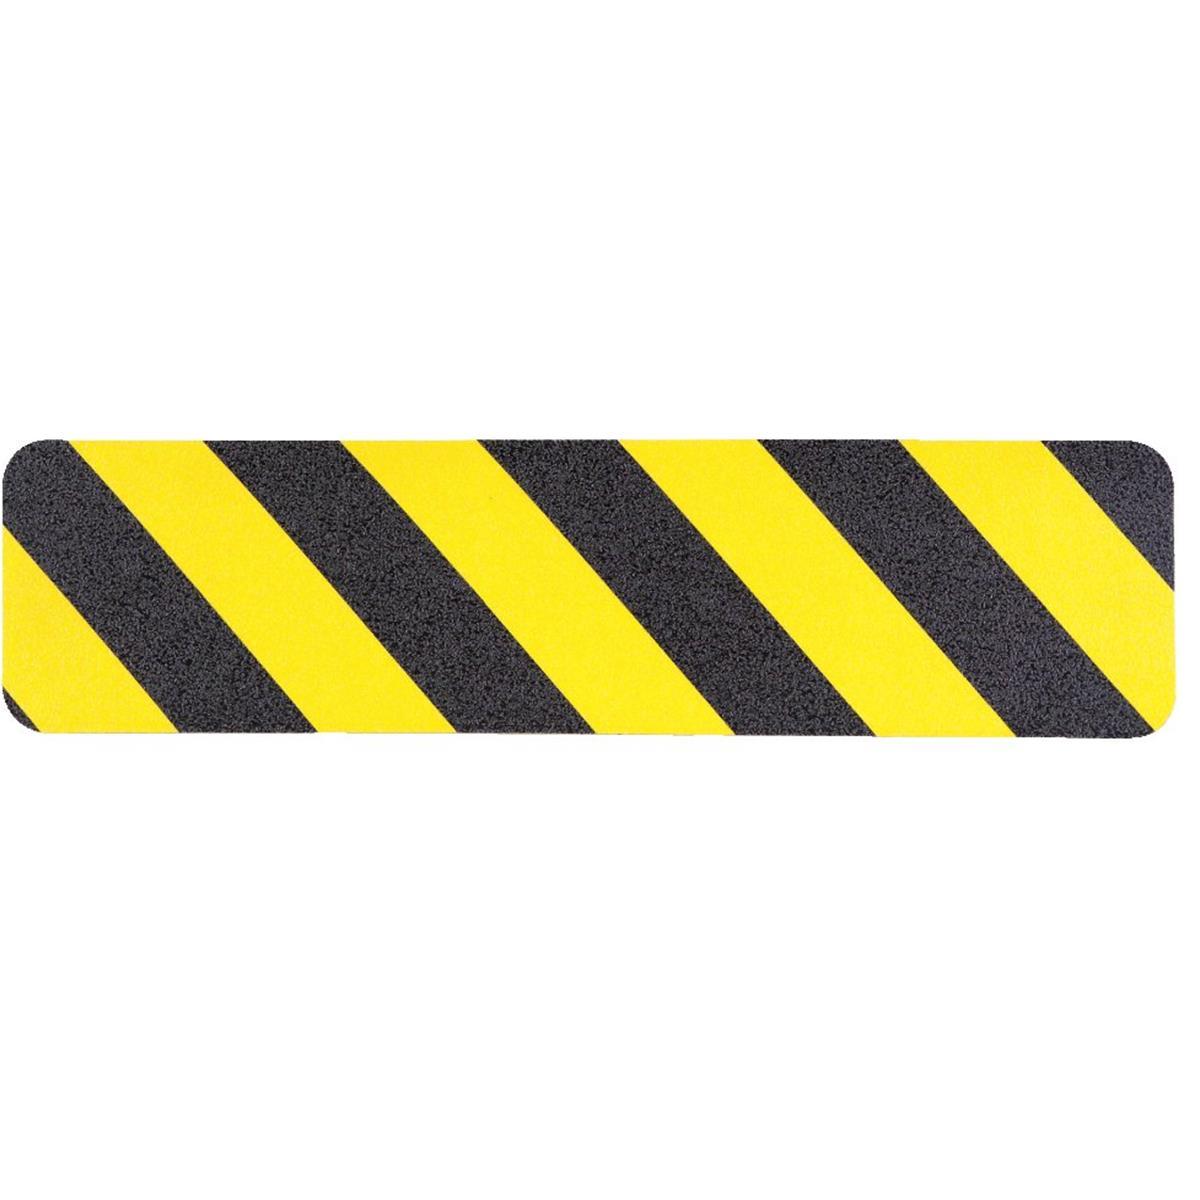 Anti skid pre cut. Caution clipart stripe